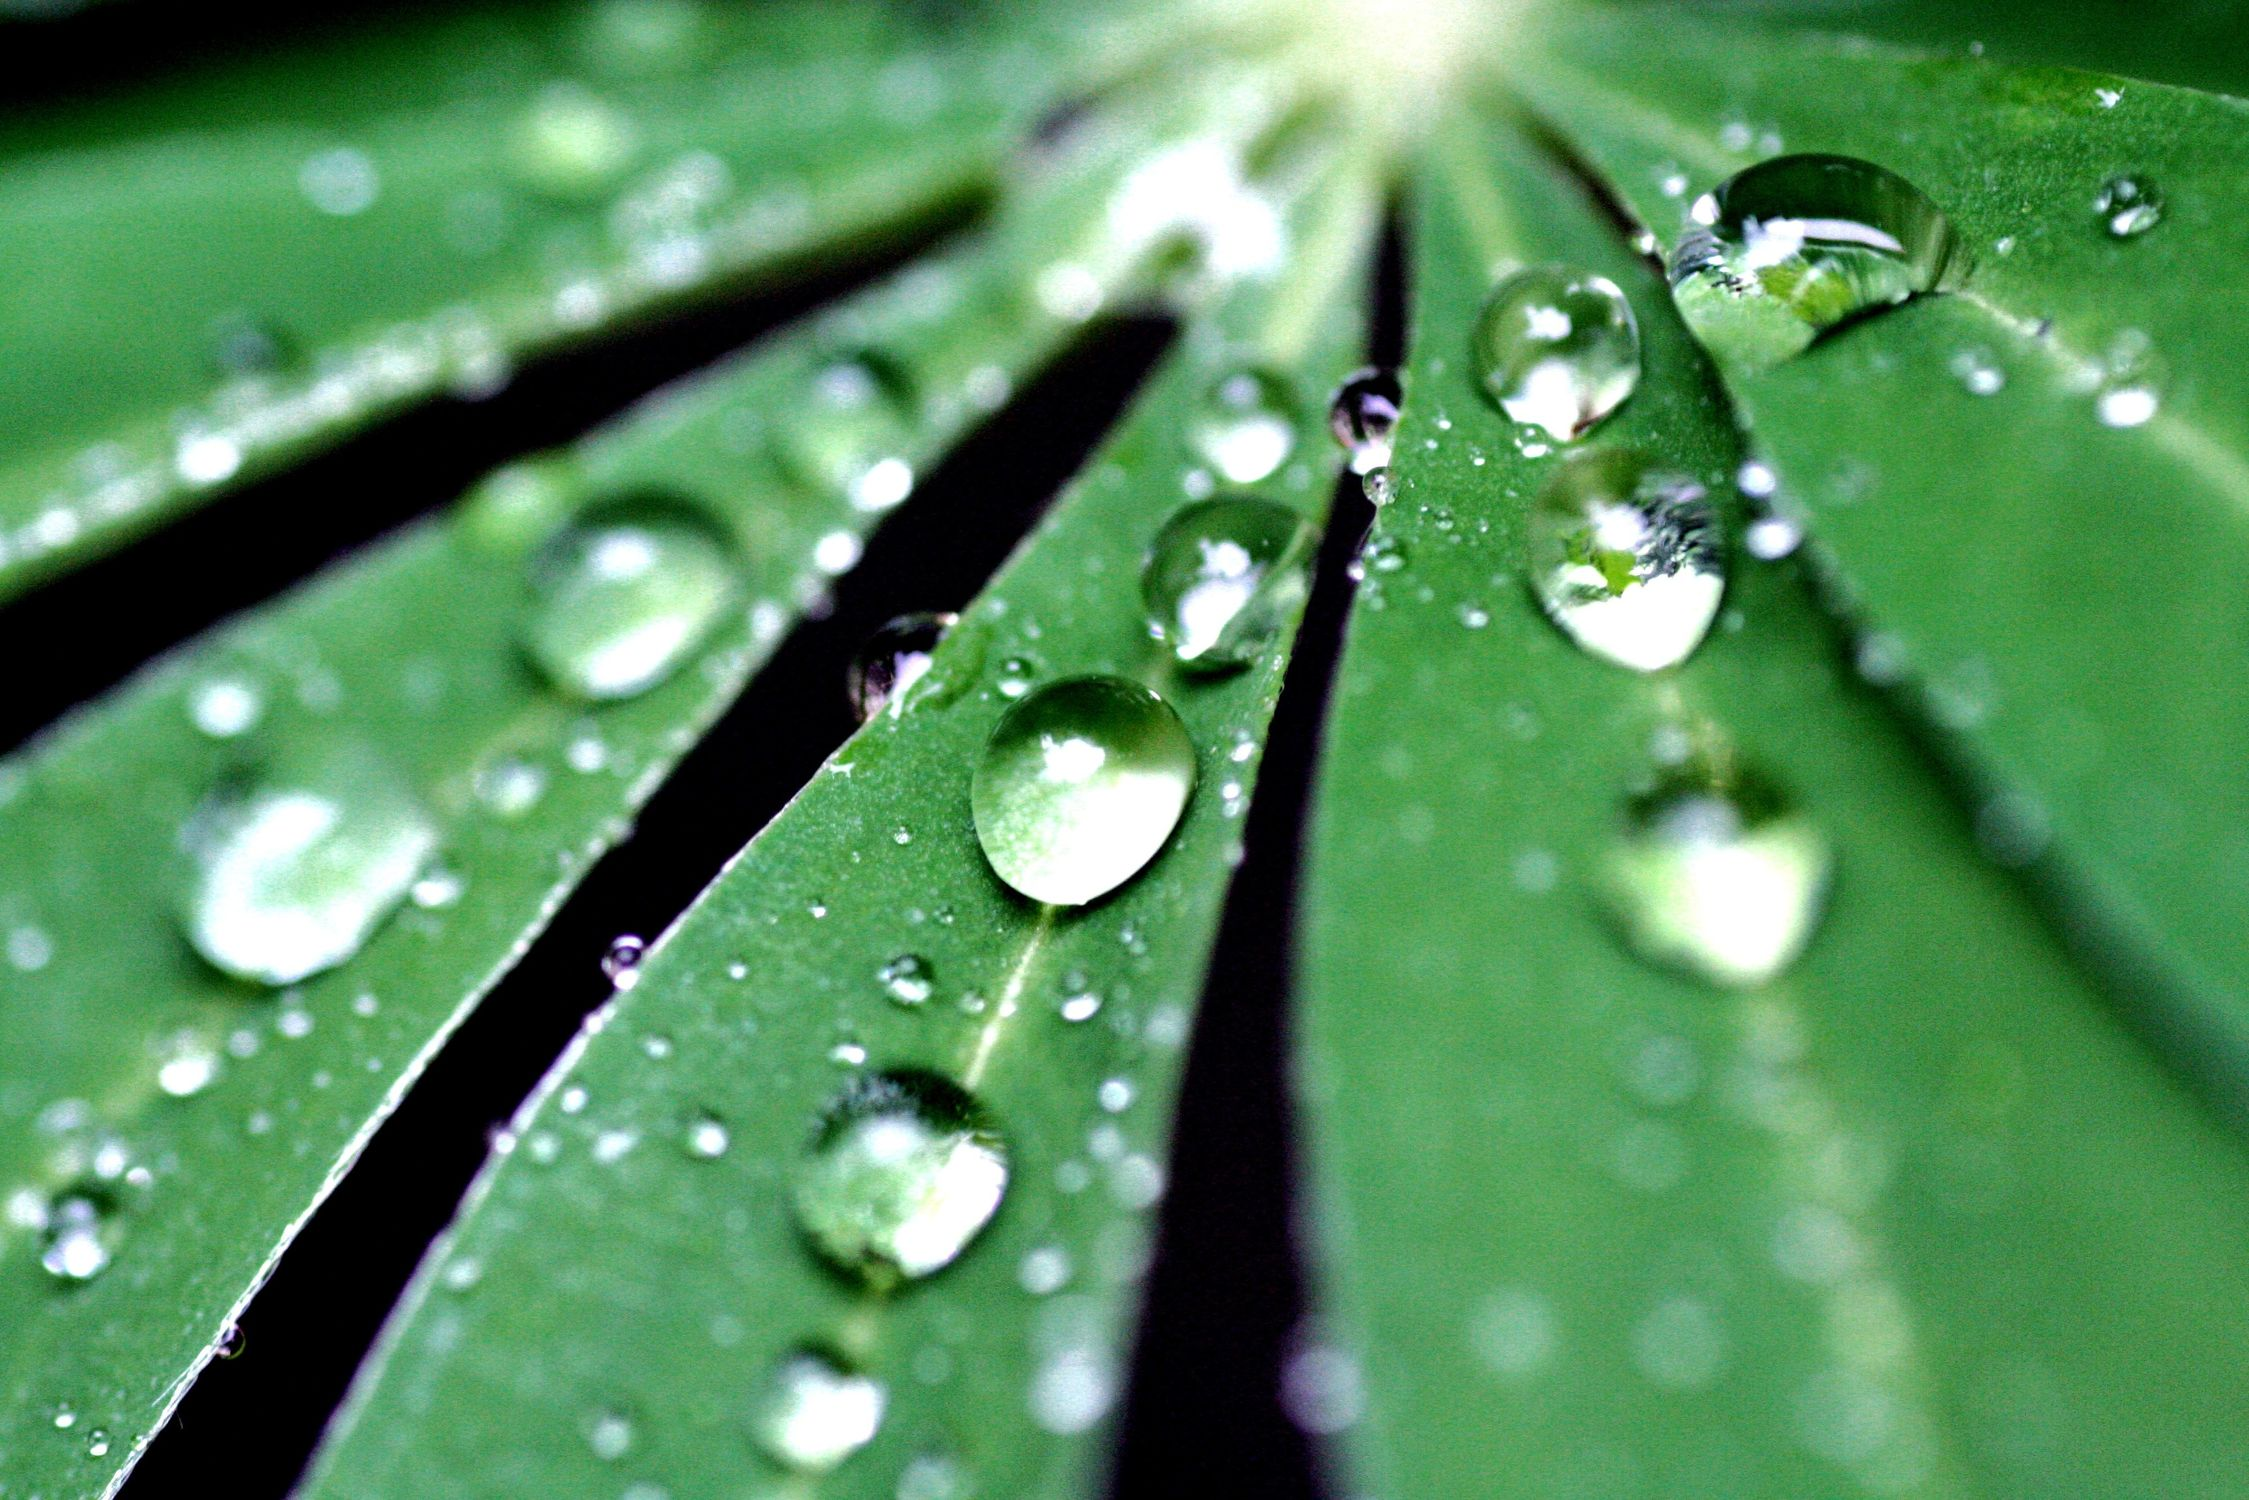 Bild mit Natur, Wasser, Grün, Pflanzen, Wassertropfen, Regentropfen, Rain drops